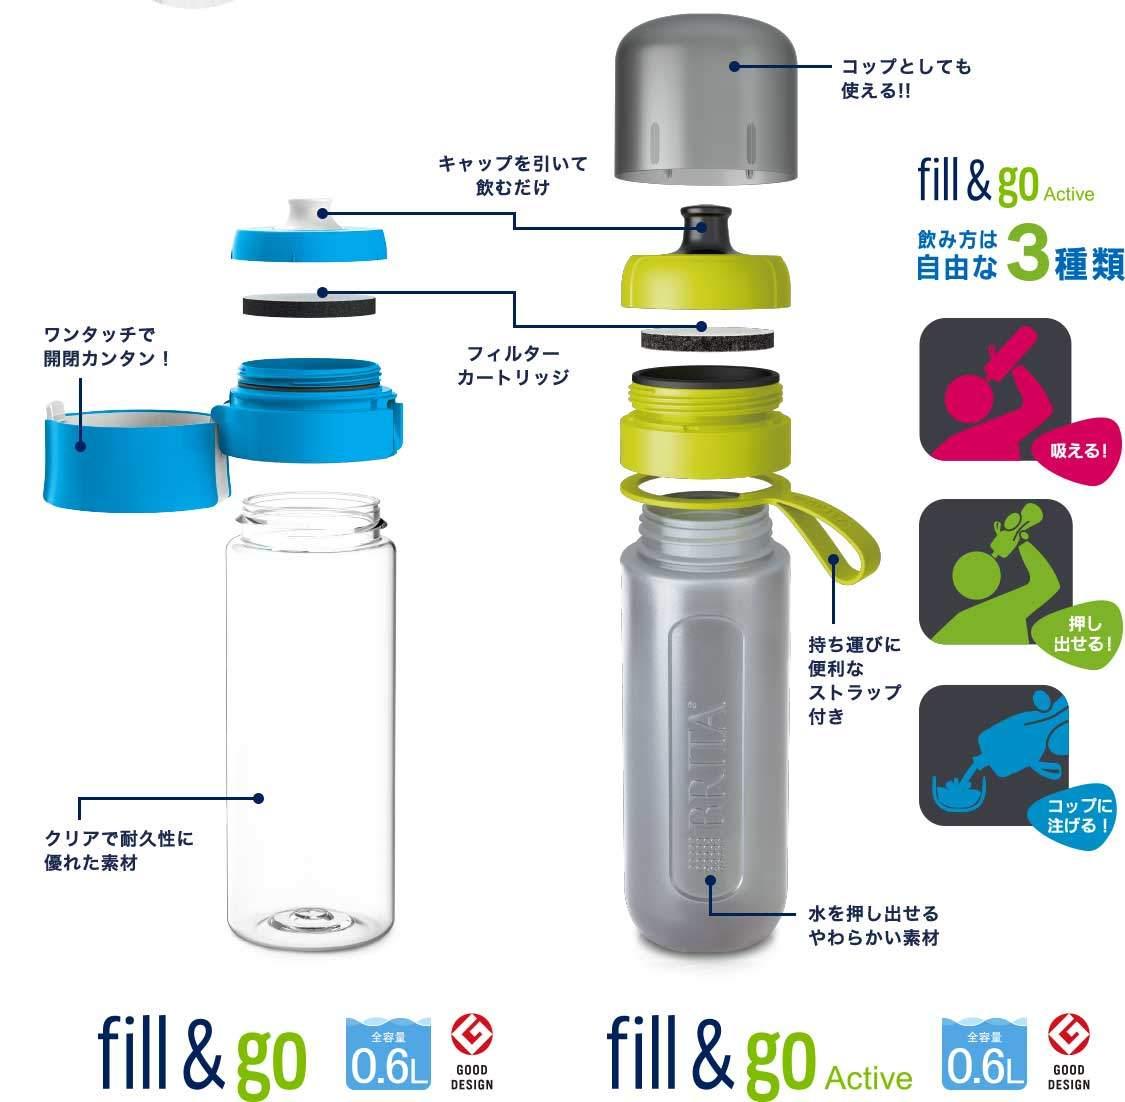 ブリタボトル型浄水器概要